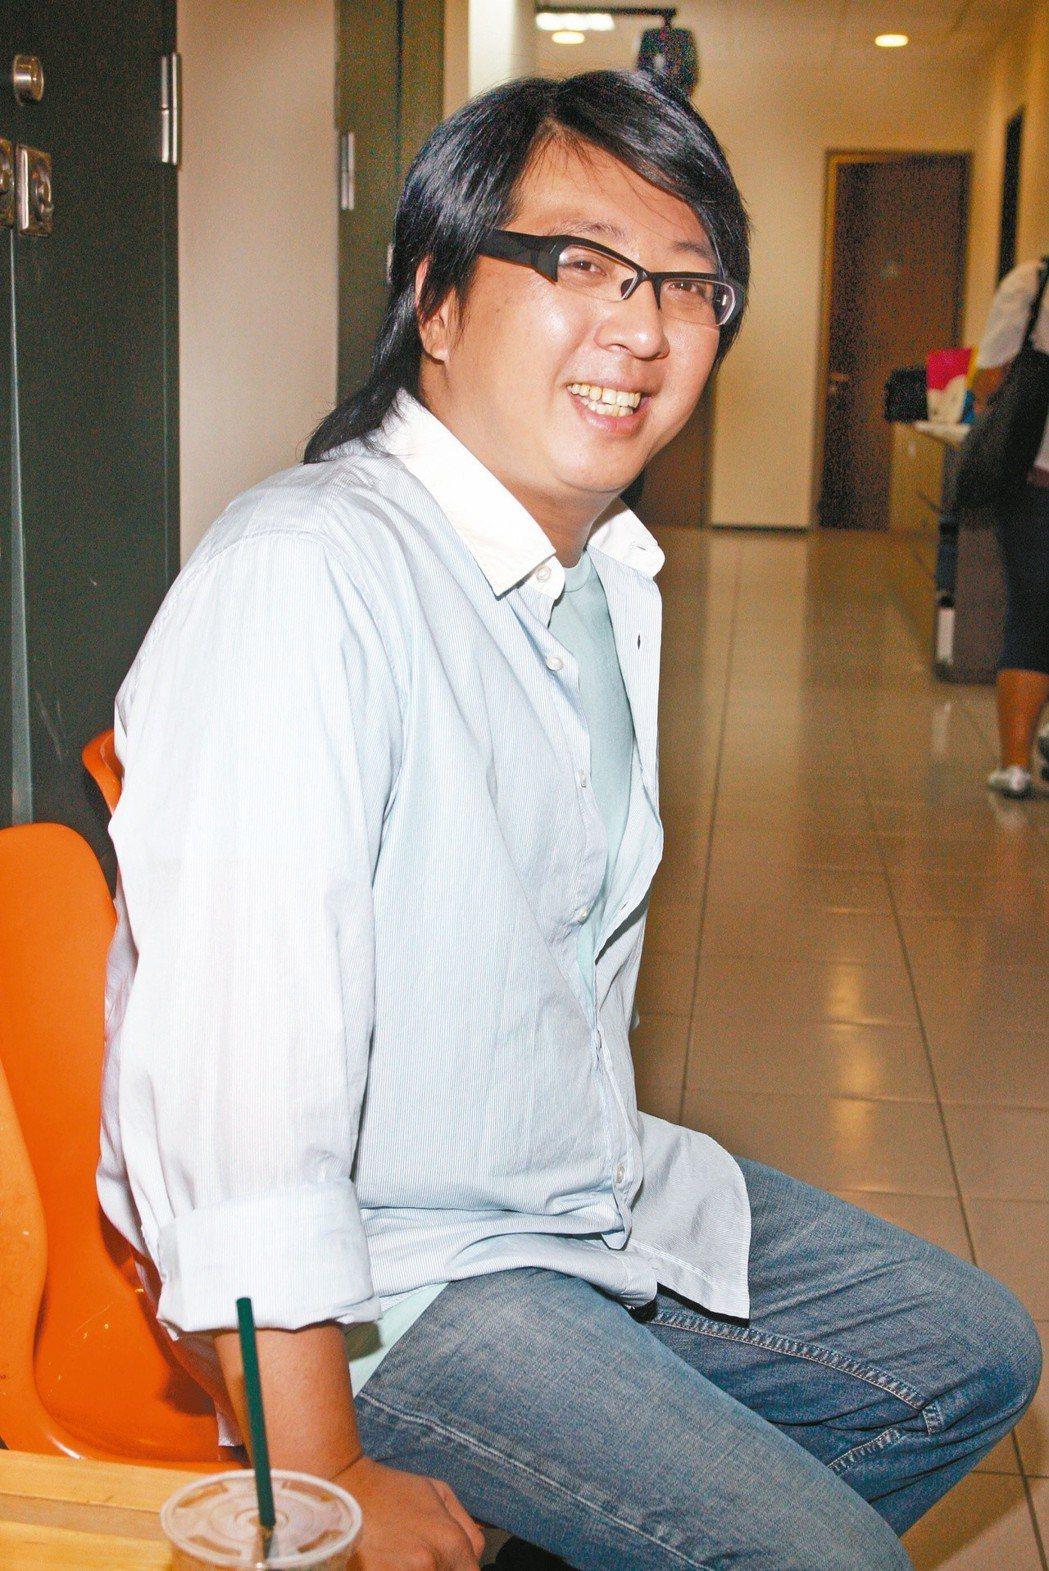 知名音樂人袁惟仁下午驚傳在上海因腦溢血而住院治療。圖/本報資料照片